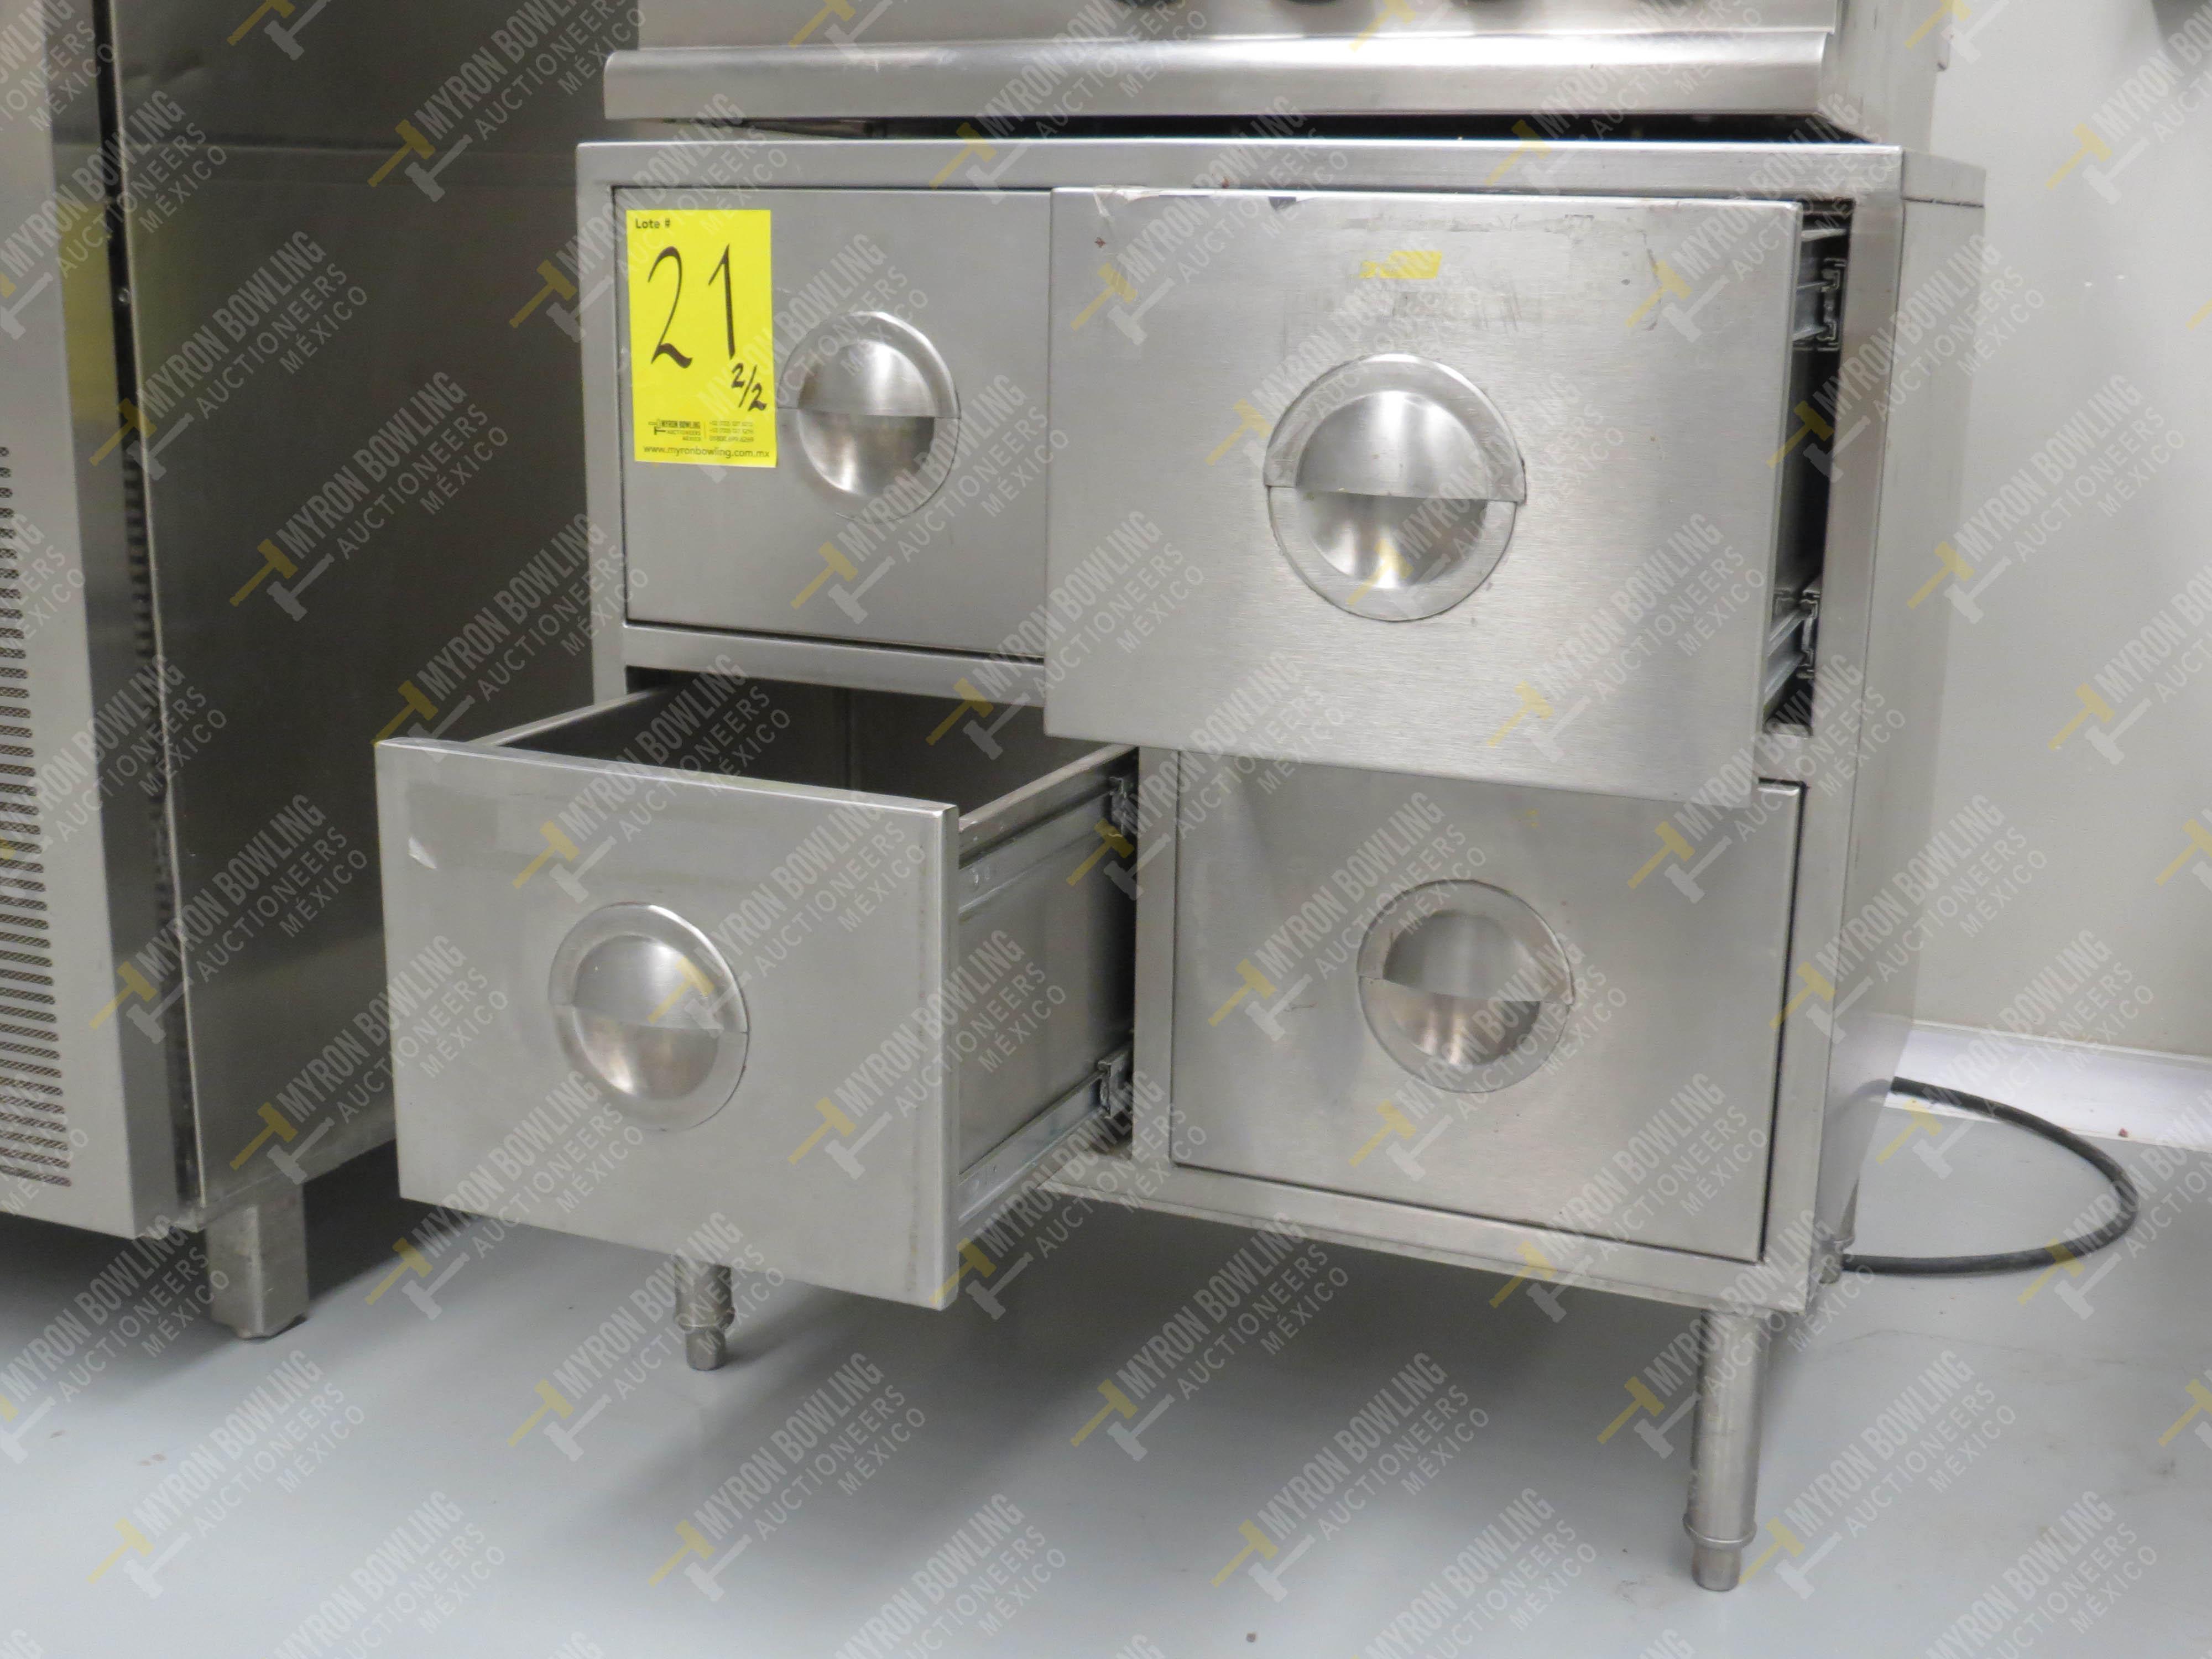 Estufa eléctrica de cuatro quemadores marca Electrolux de medidas 70 x 70 x 30 cm, … - Image 6 of 6